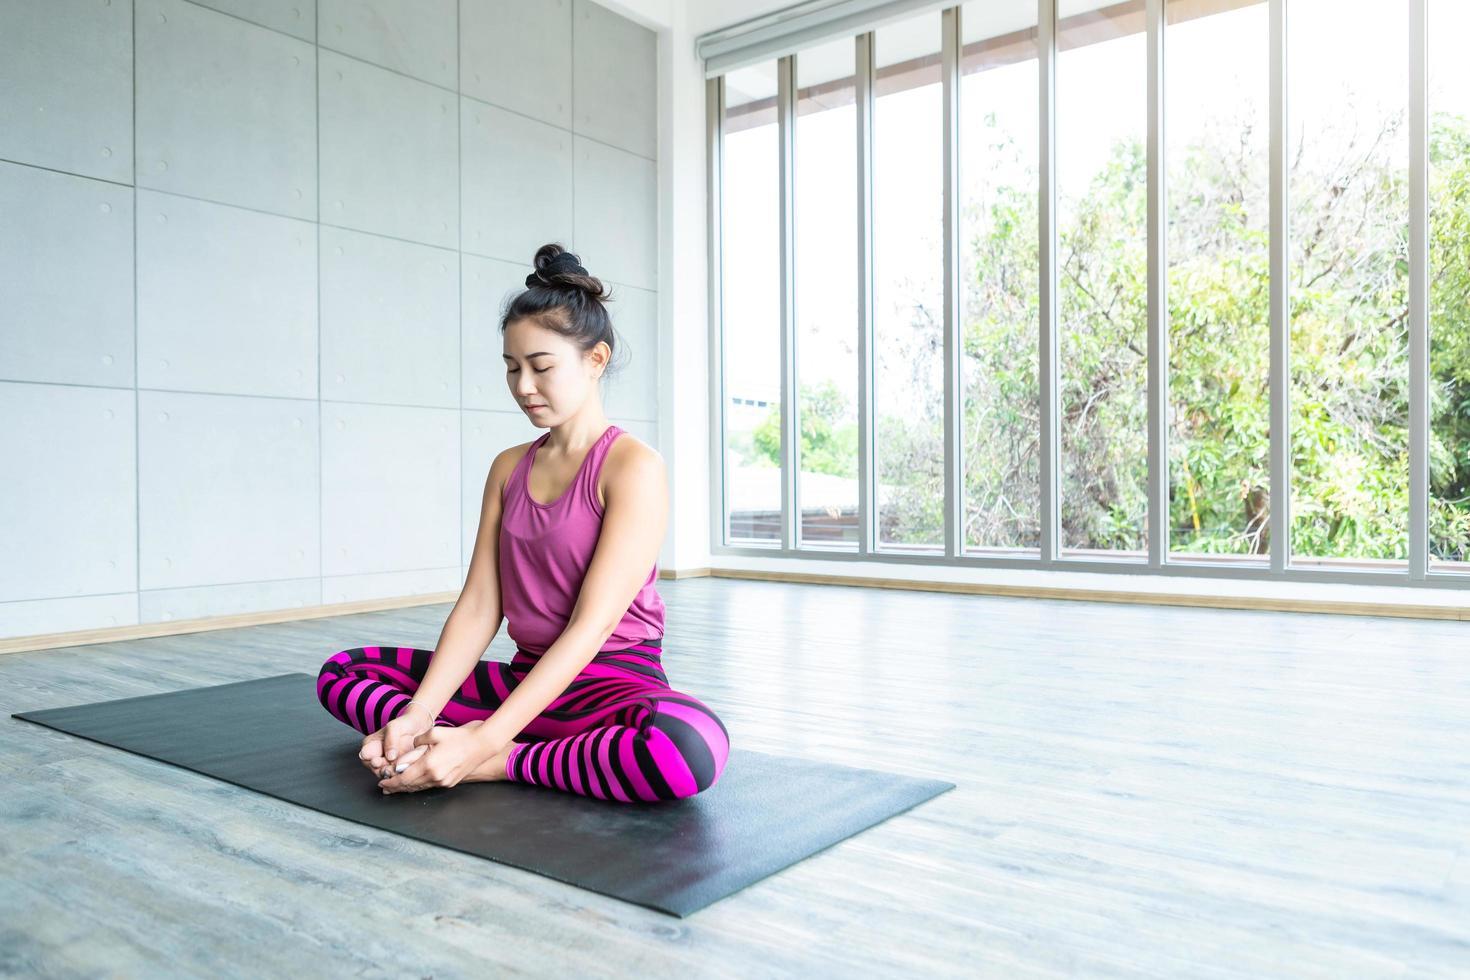 asiatische Frauen praktizieren Yoga foto